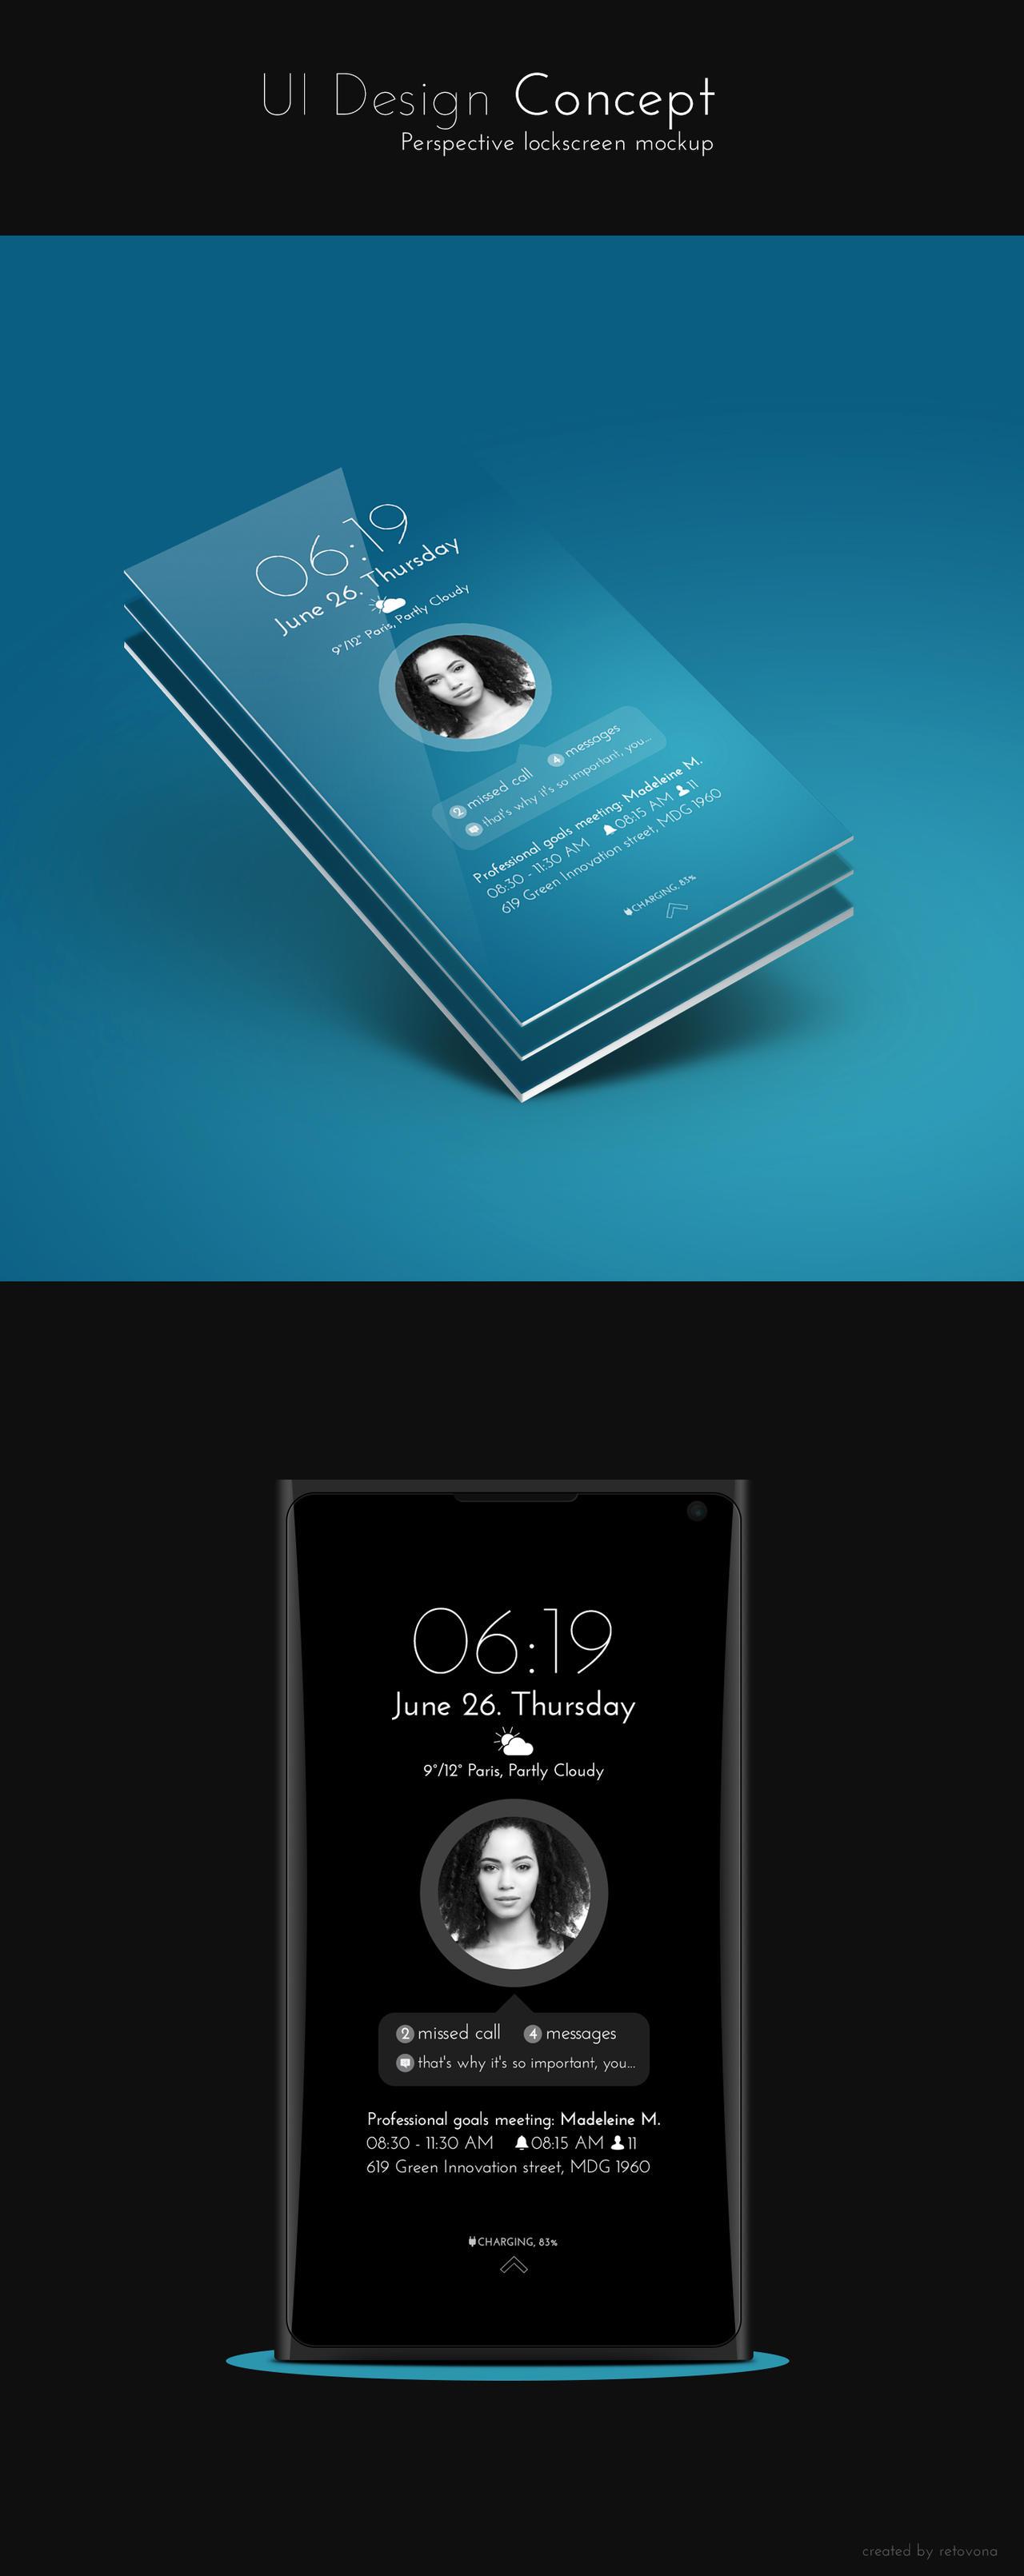 Clean lockscreen UI design Concept by sharkurban